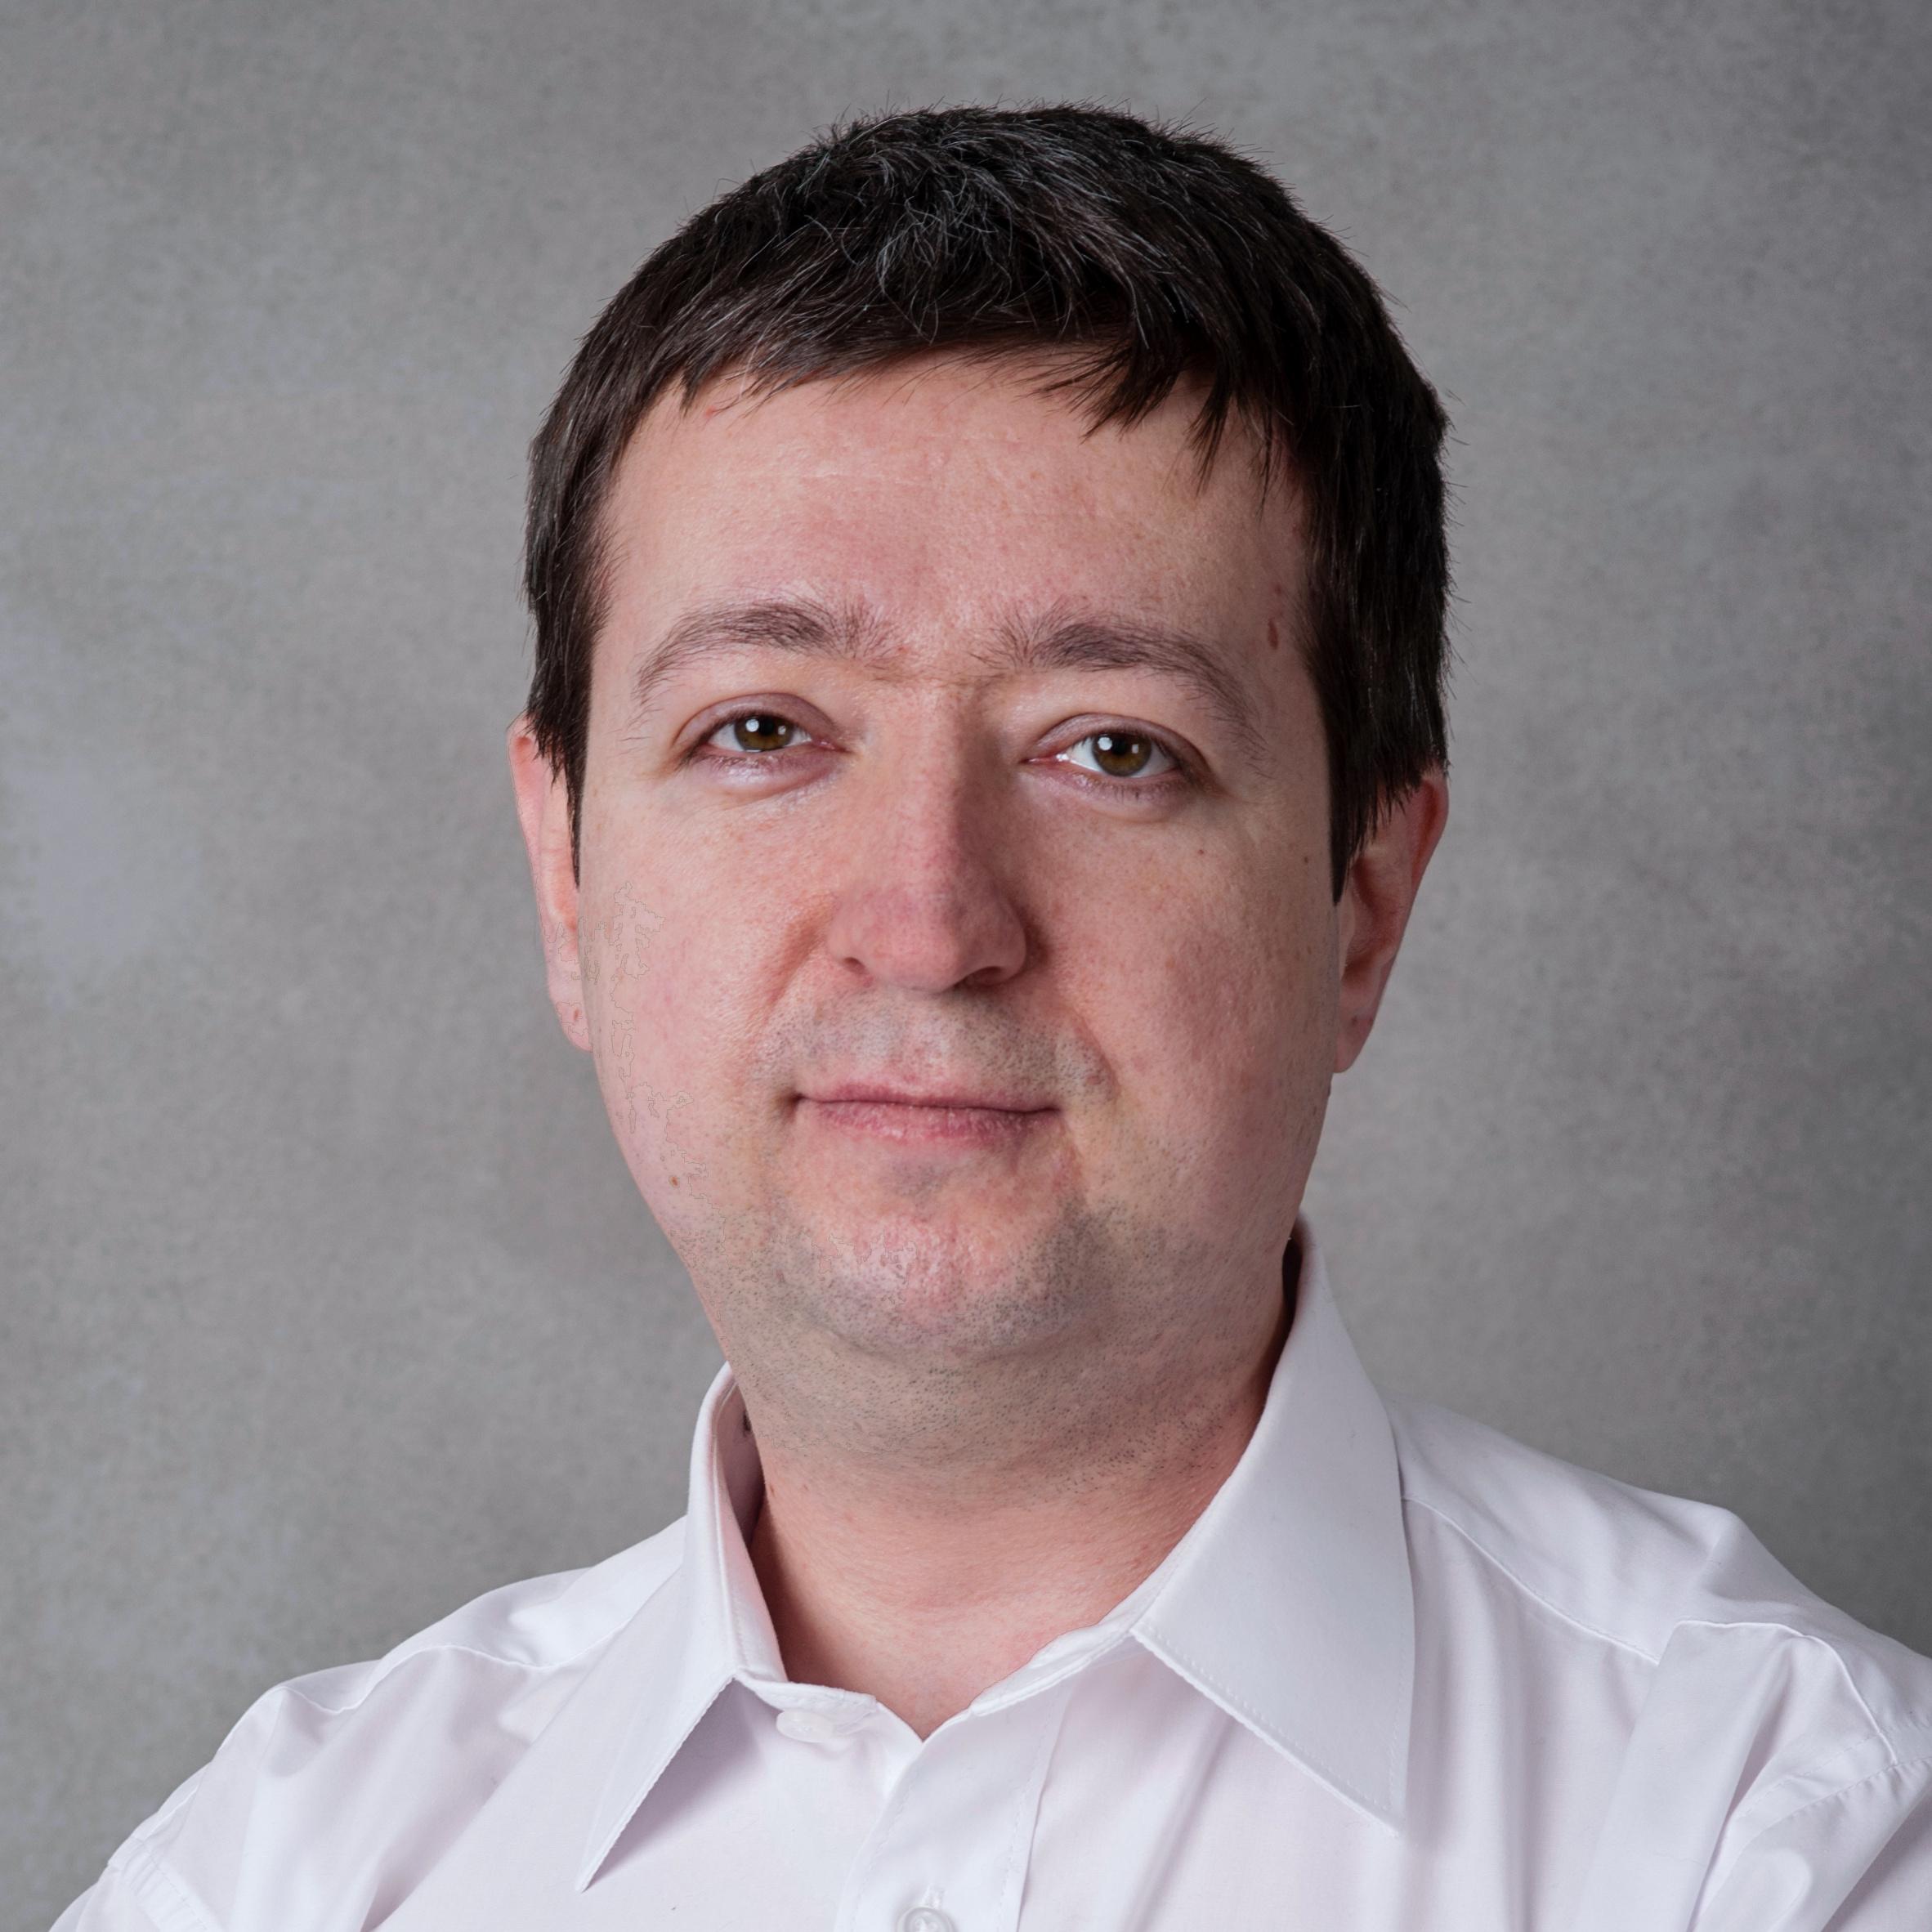 Piotr Kulik